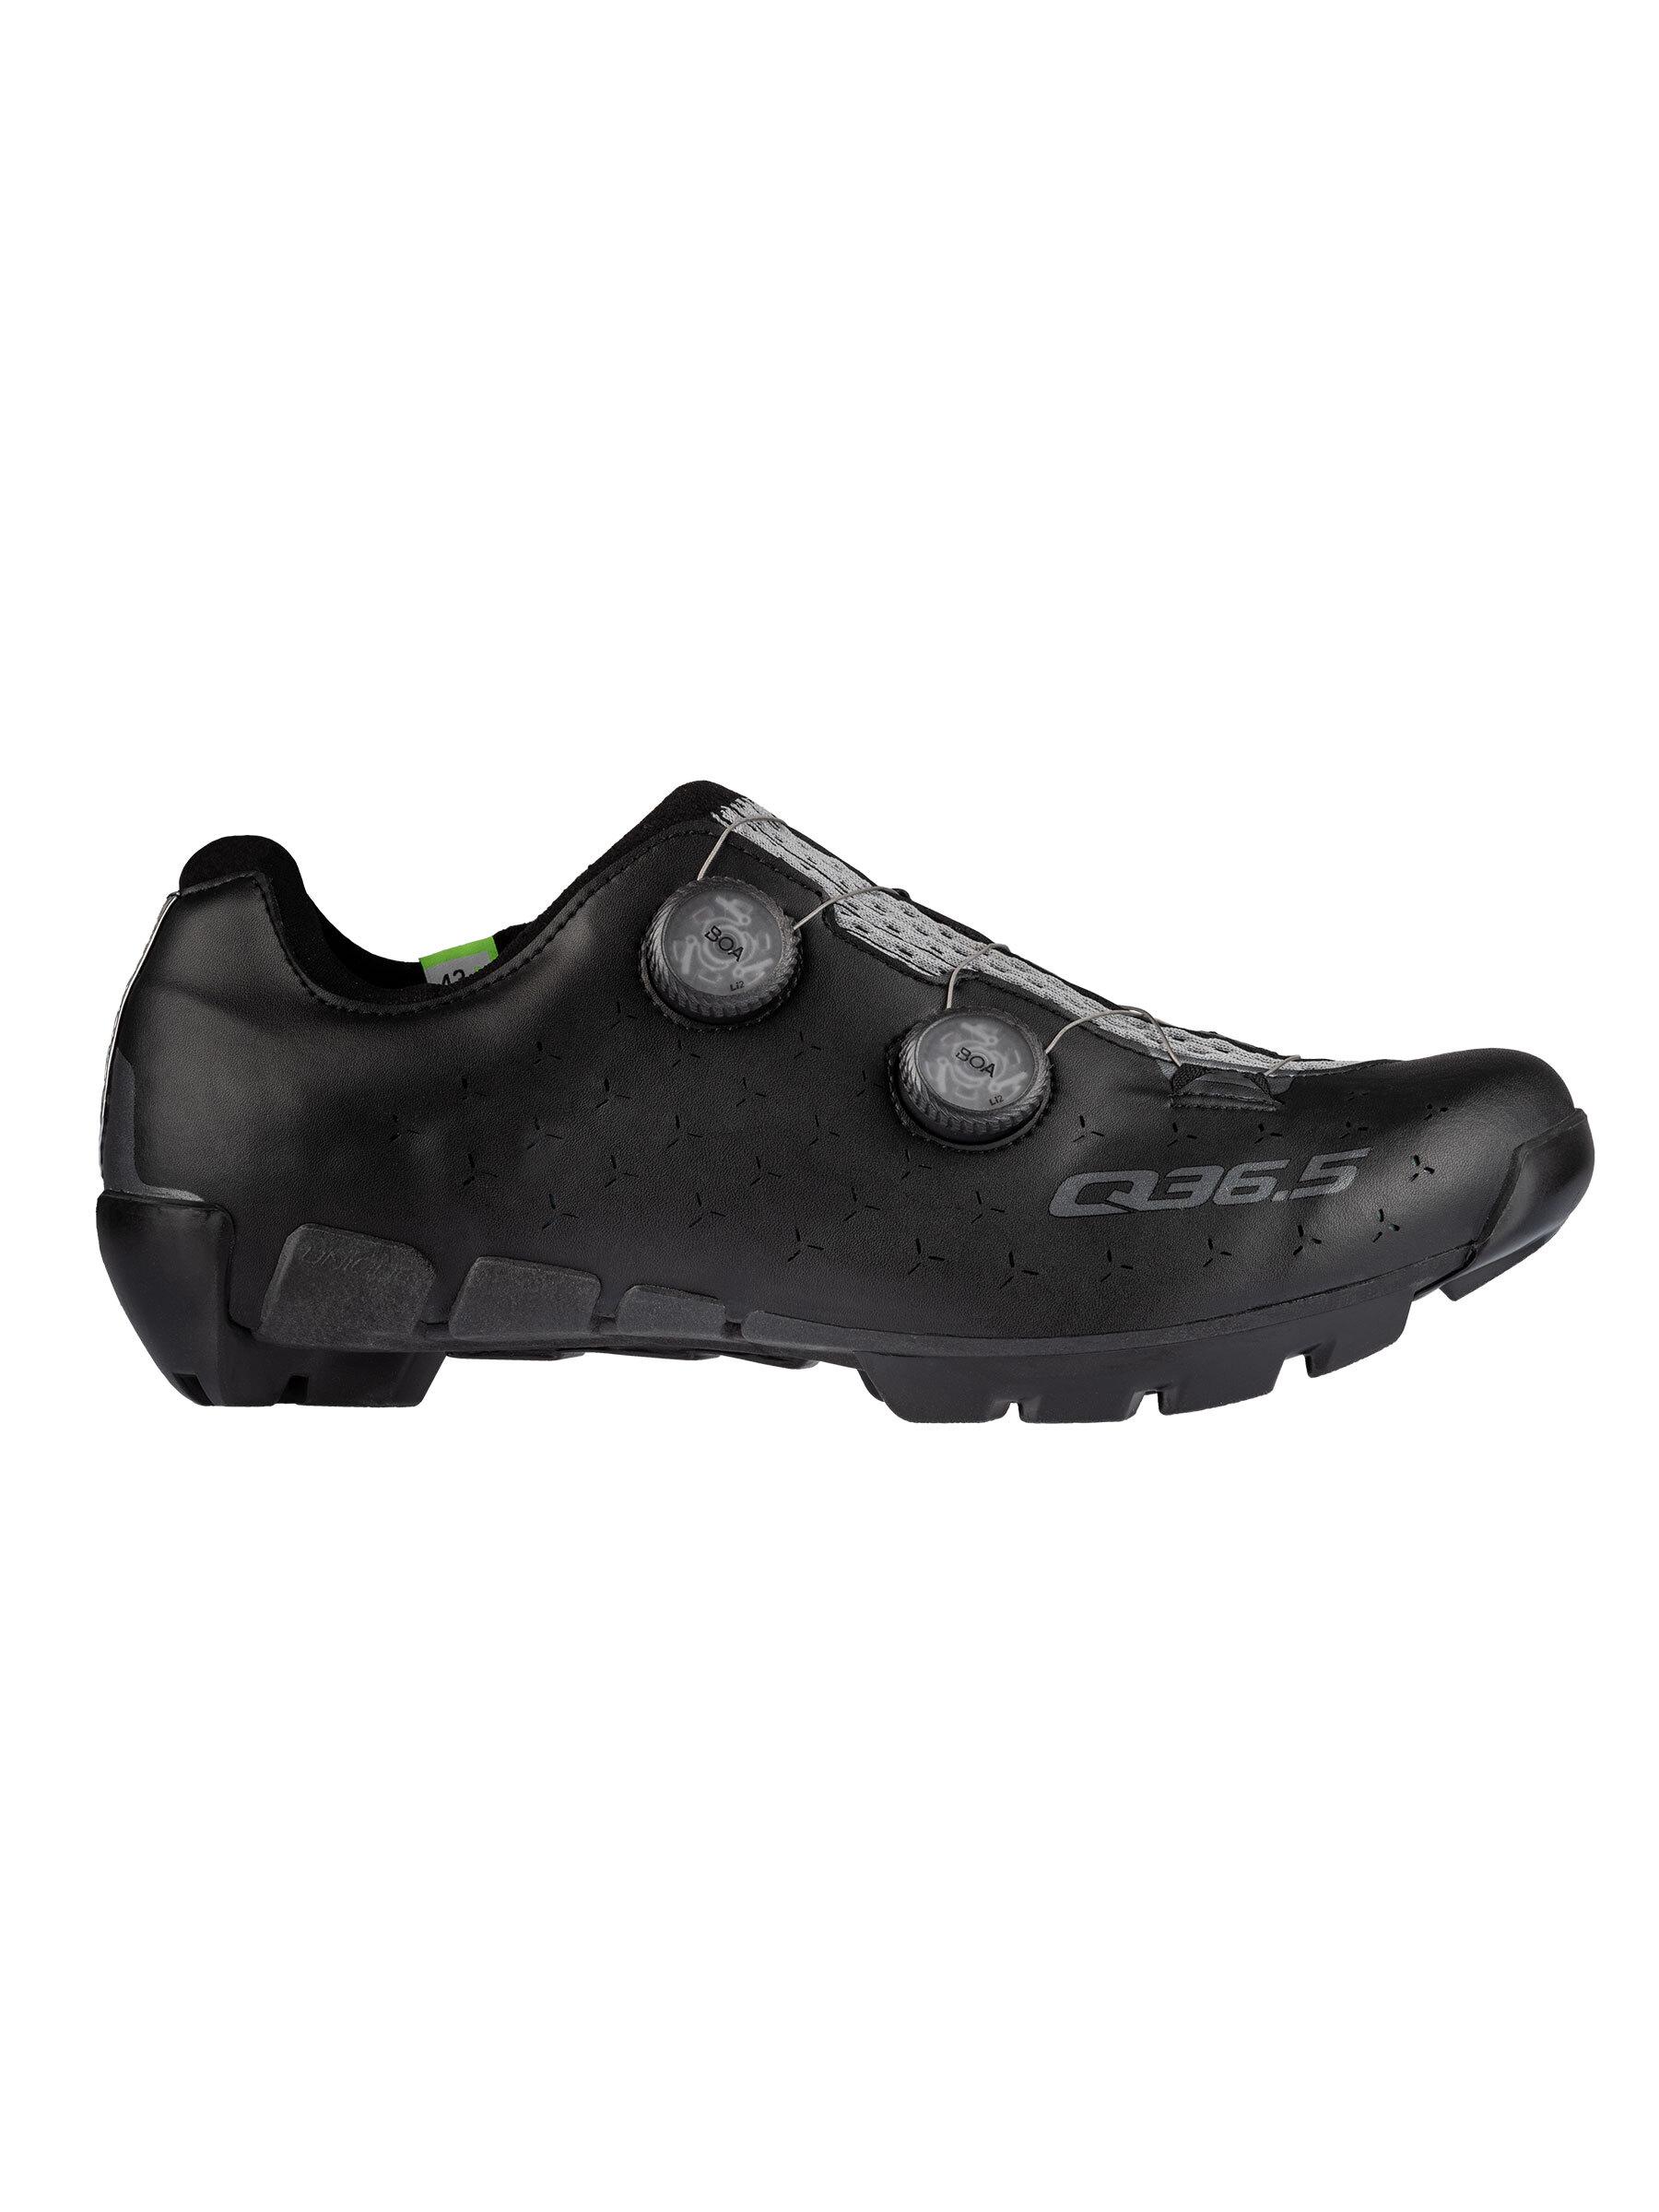 cycling shoes mtb gravel Unique Adventure black 301.2